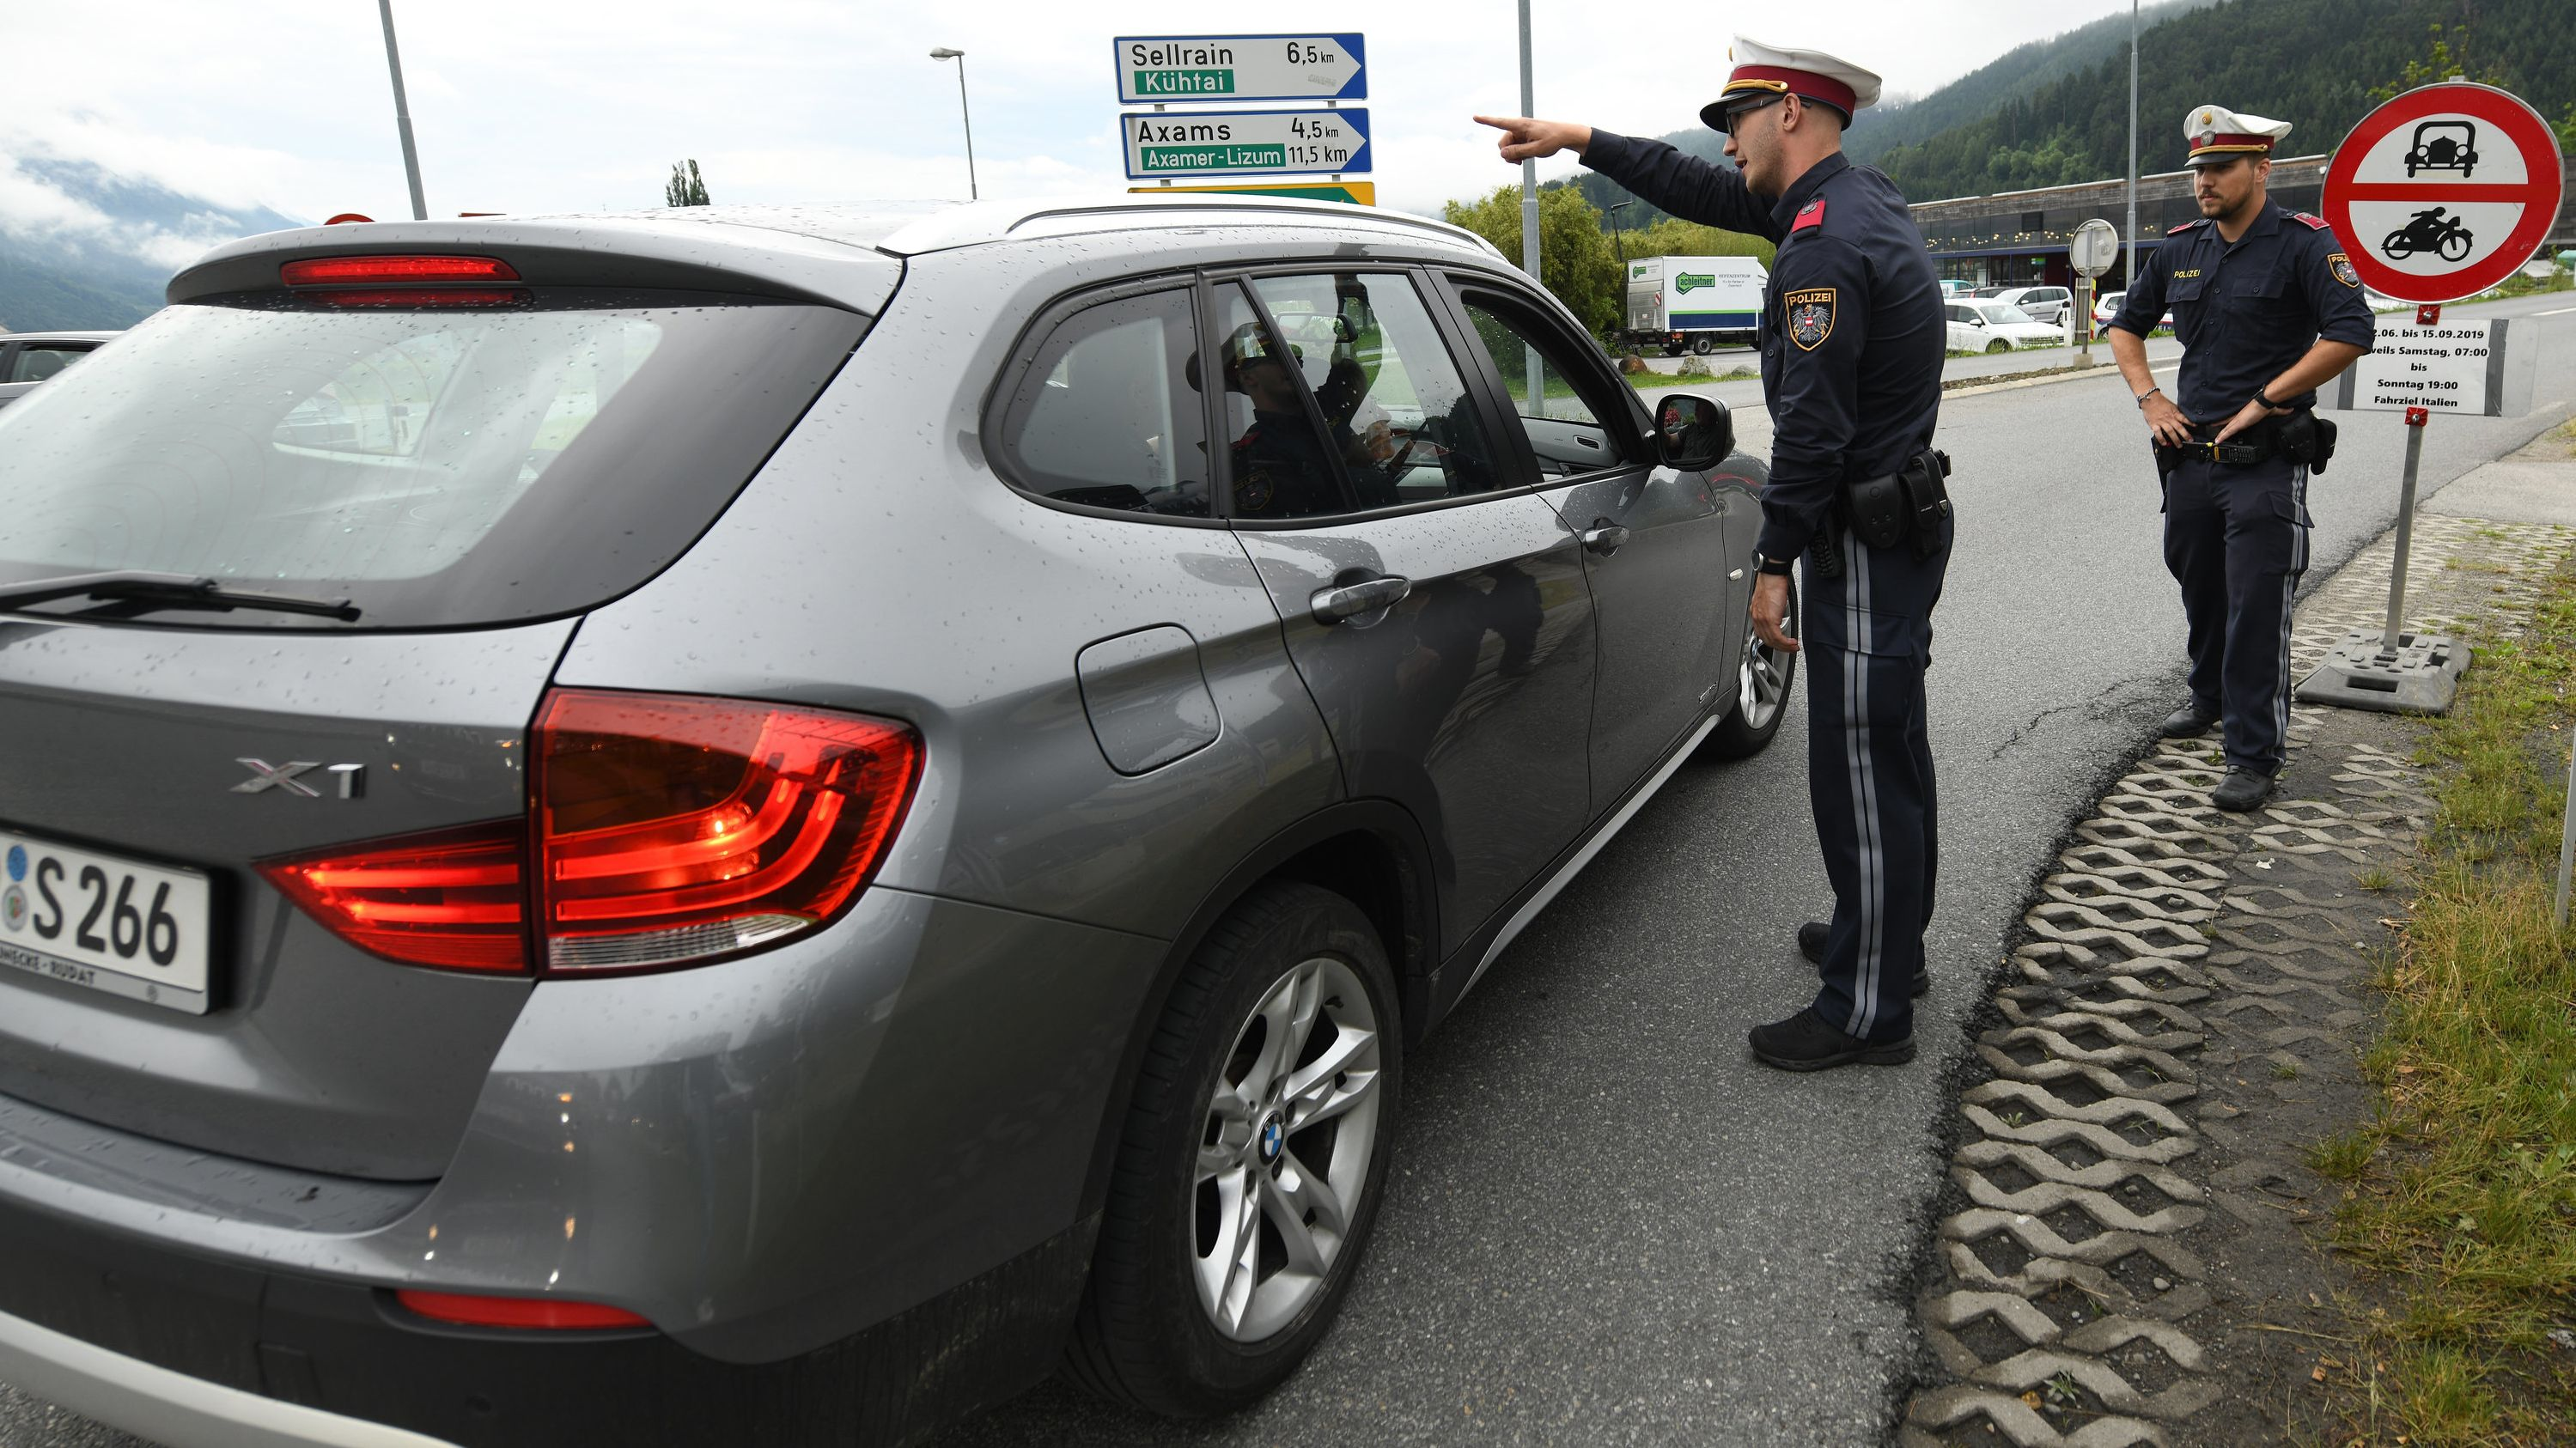 Ein graues SUV wird von Polizisten angehalten. Ein Polizist deutet auf die Richtung in die das Auto fahren soll.